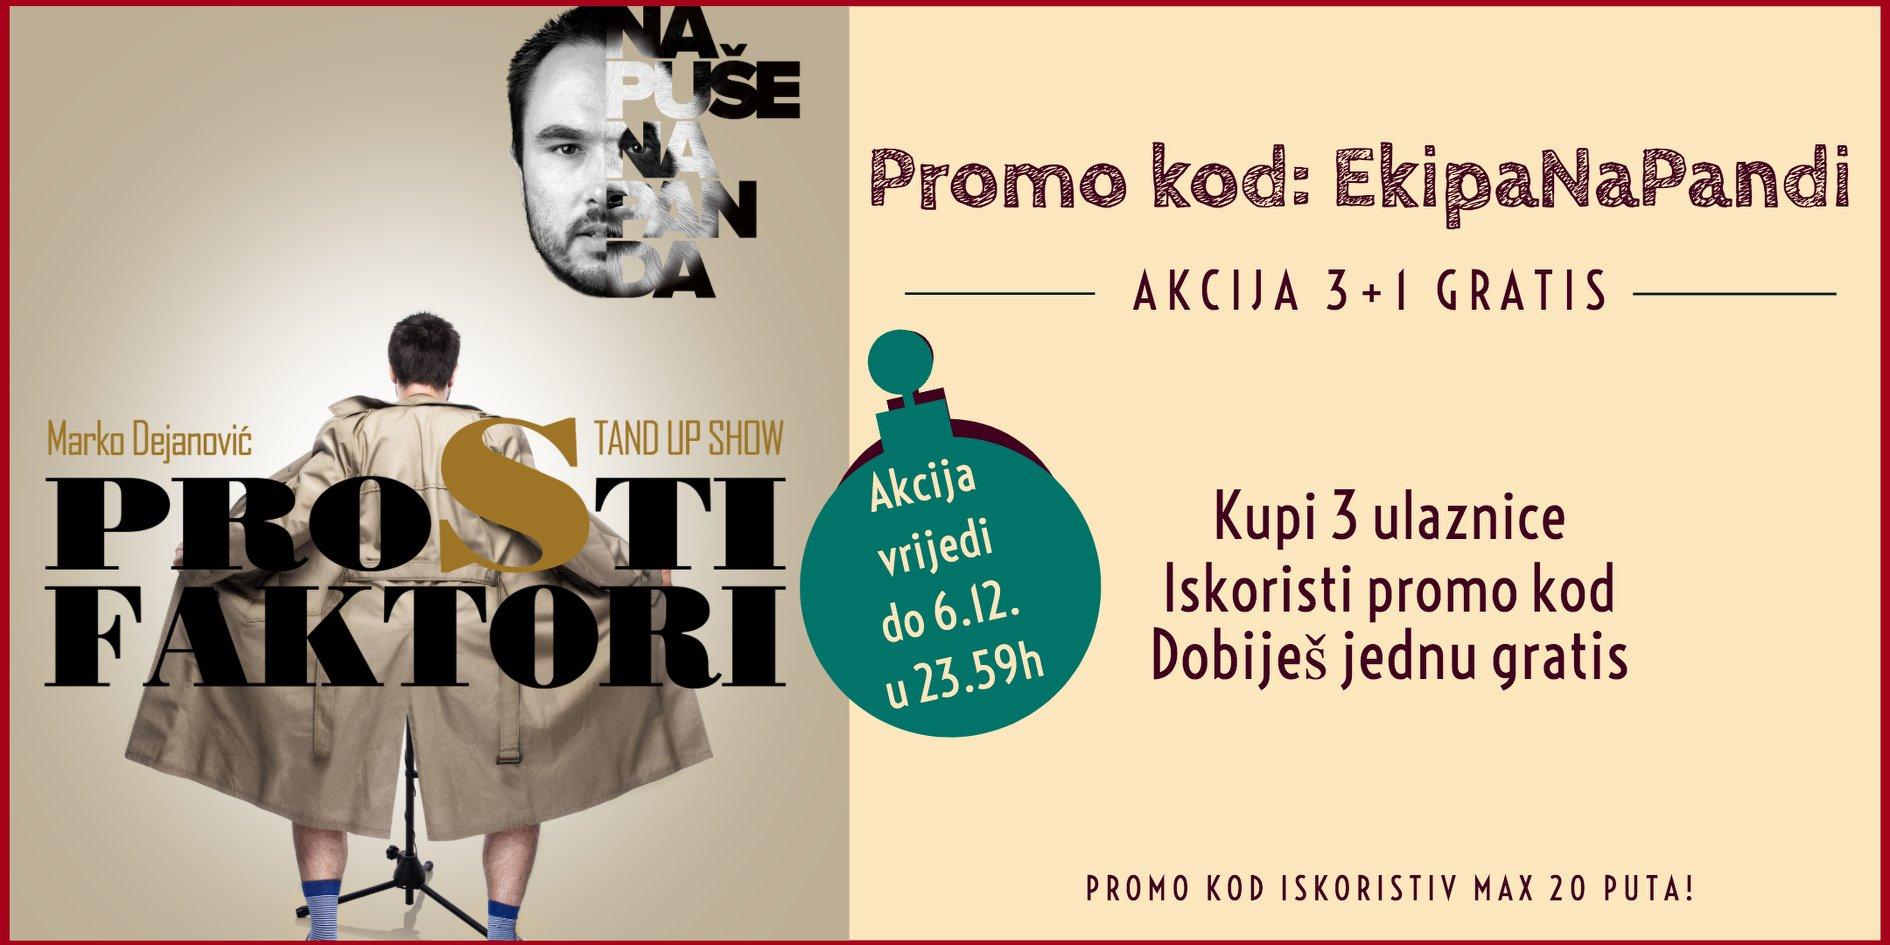 Prosti Faktori Marko Dejanović stand up comedy show – subota, 14.12. u 20, 30 sati